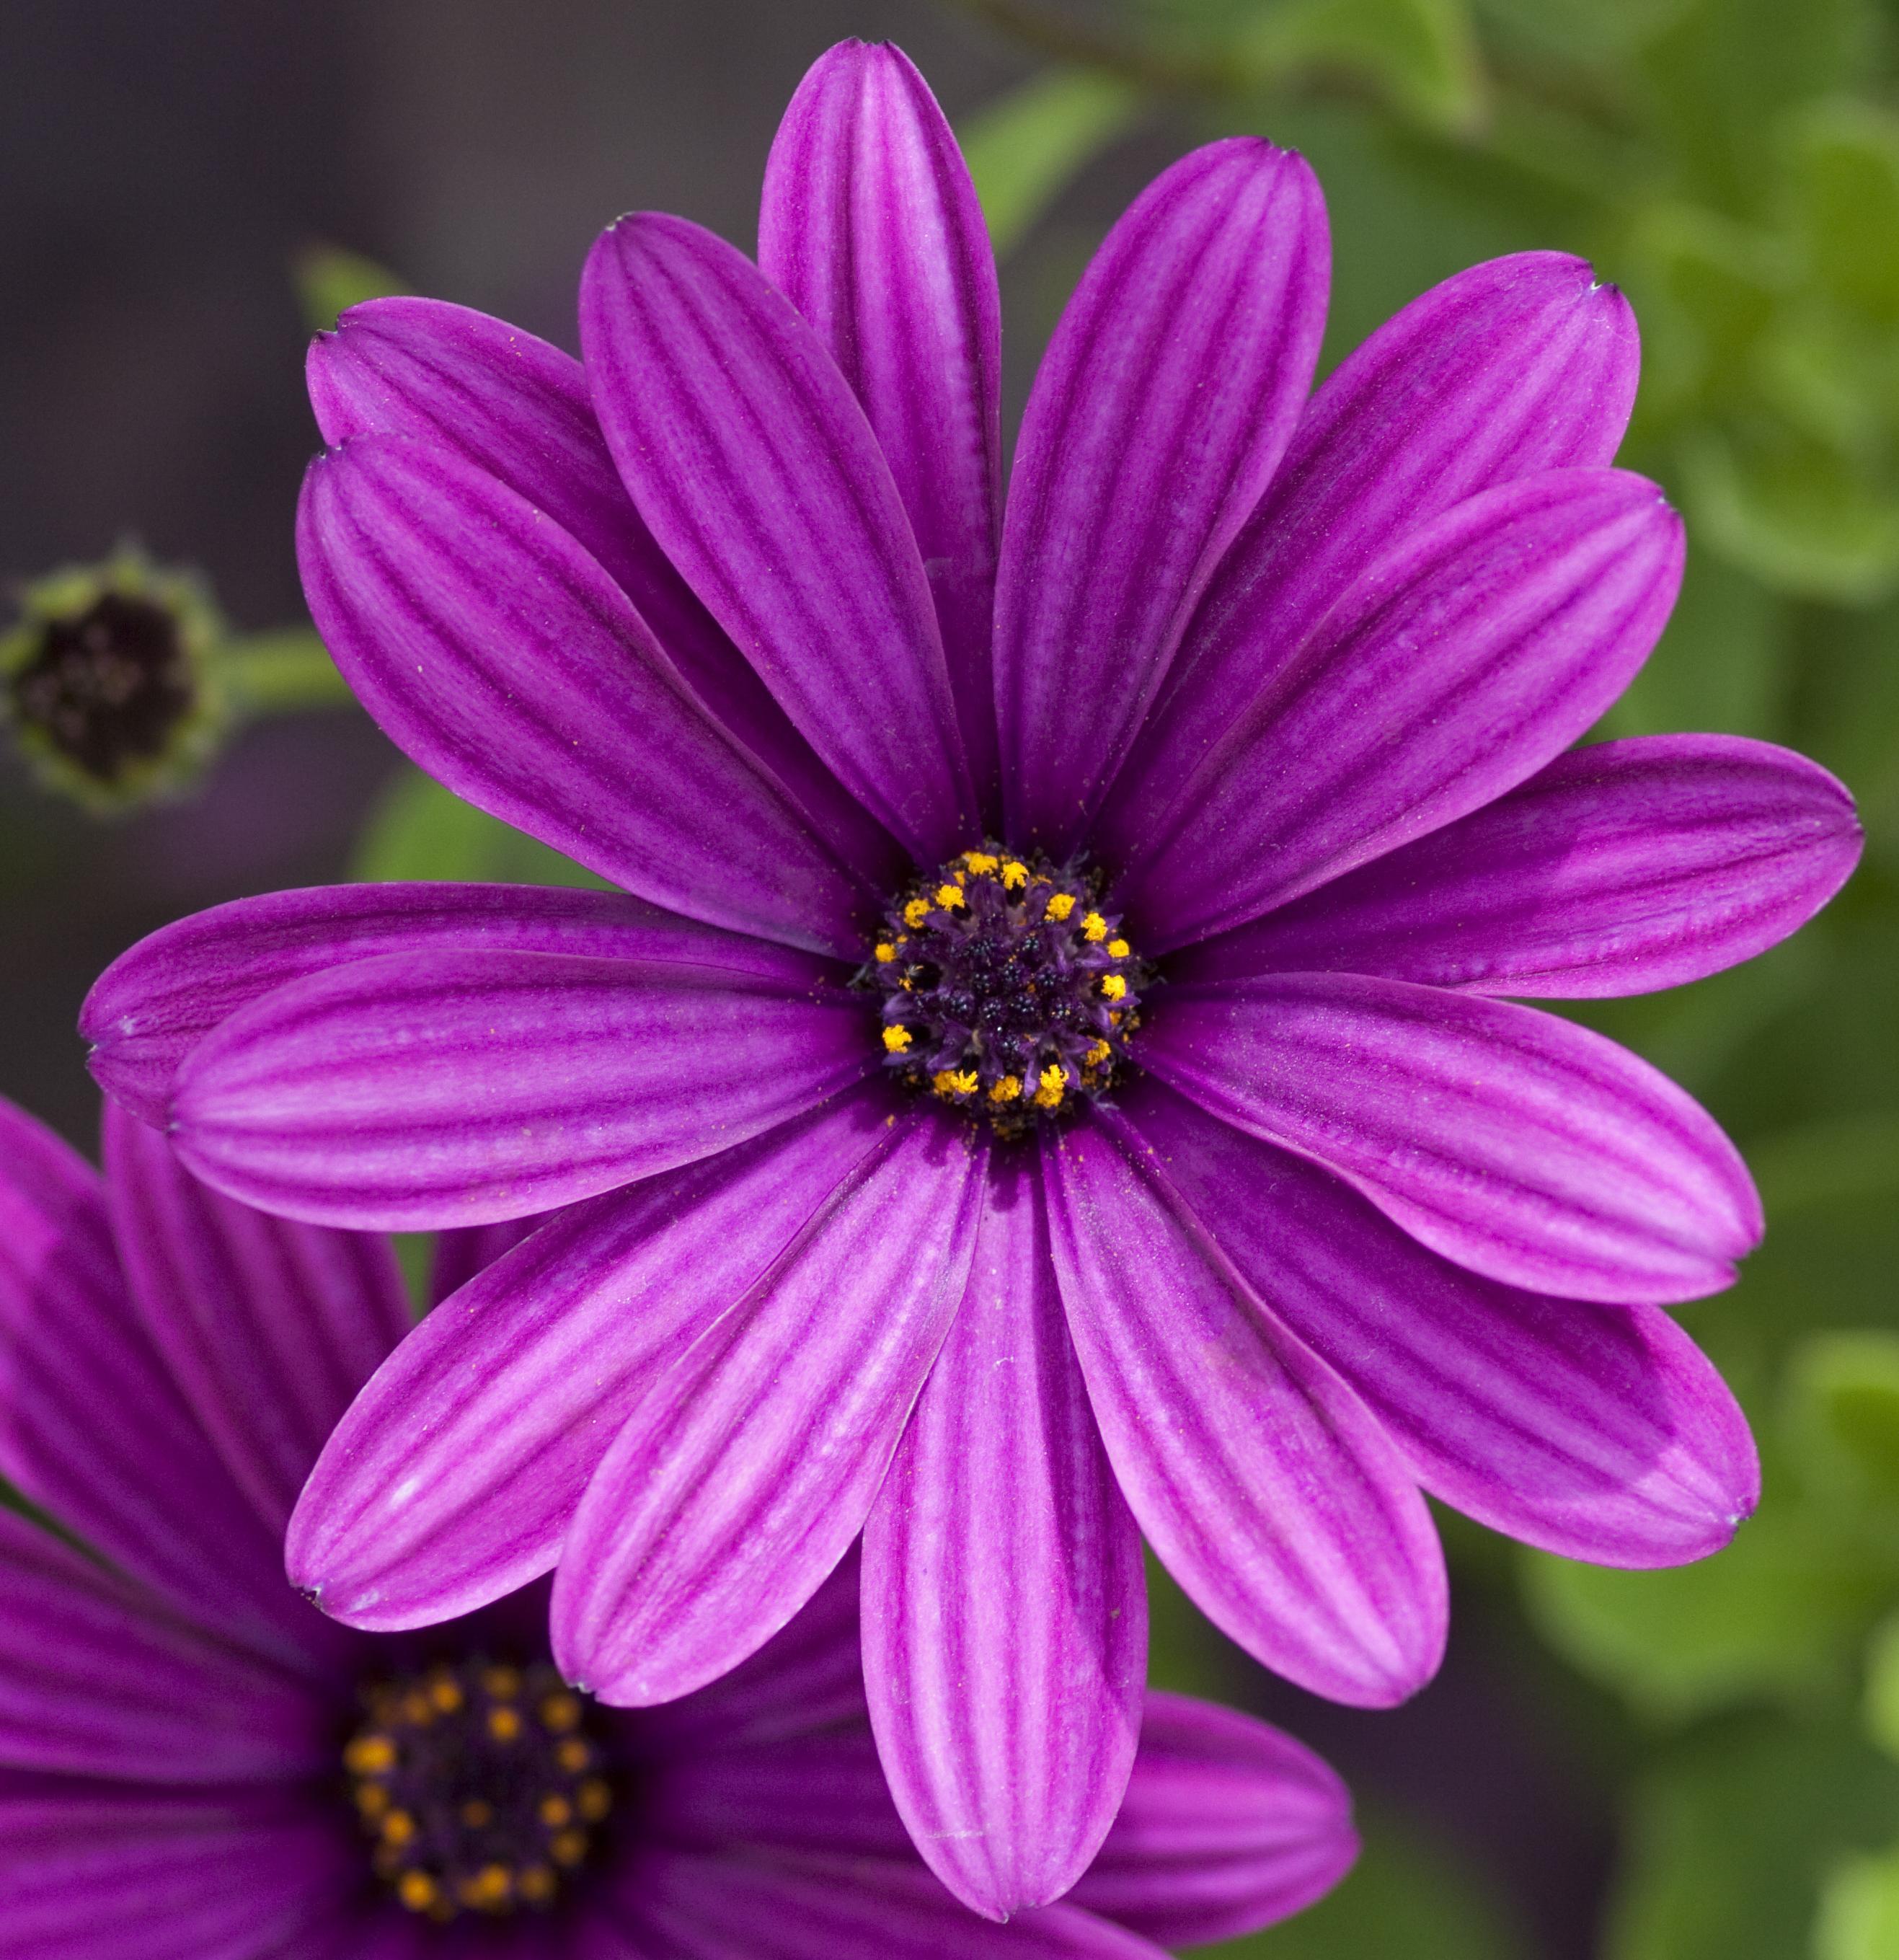 File:Purple flower (4764445139).jpg - Wikimedia Commons